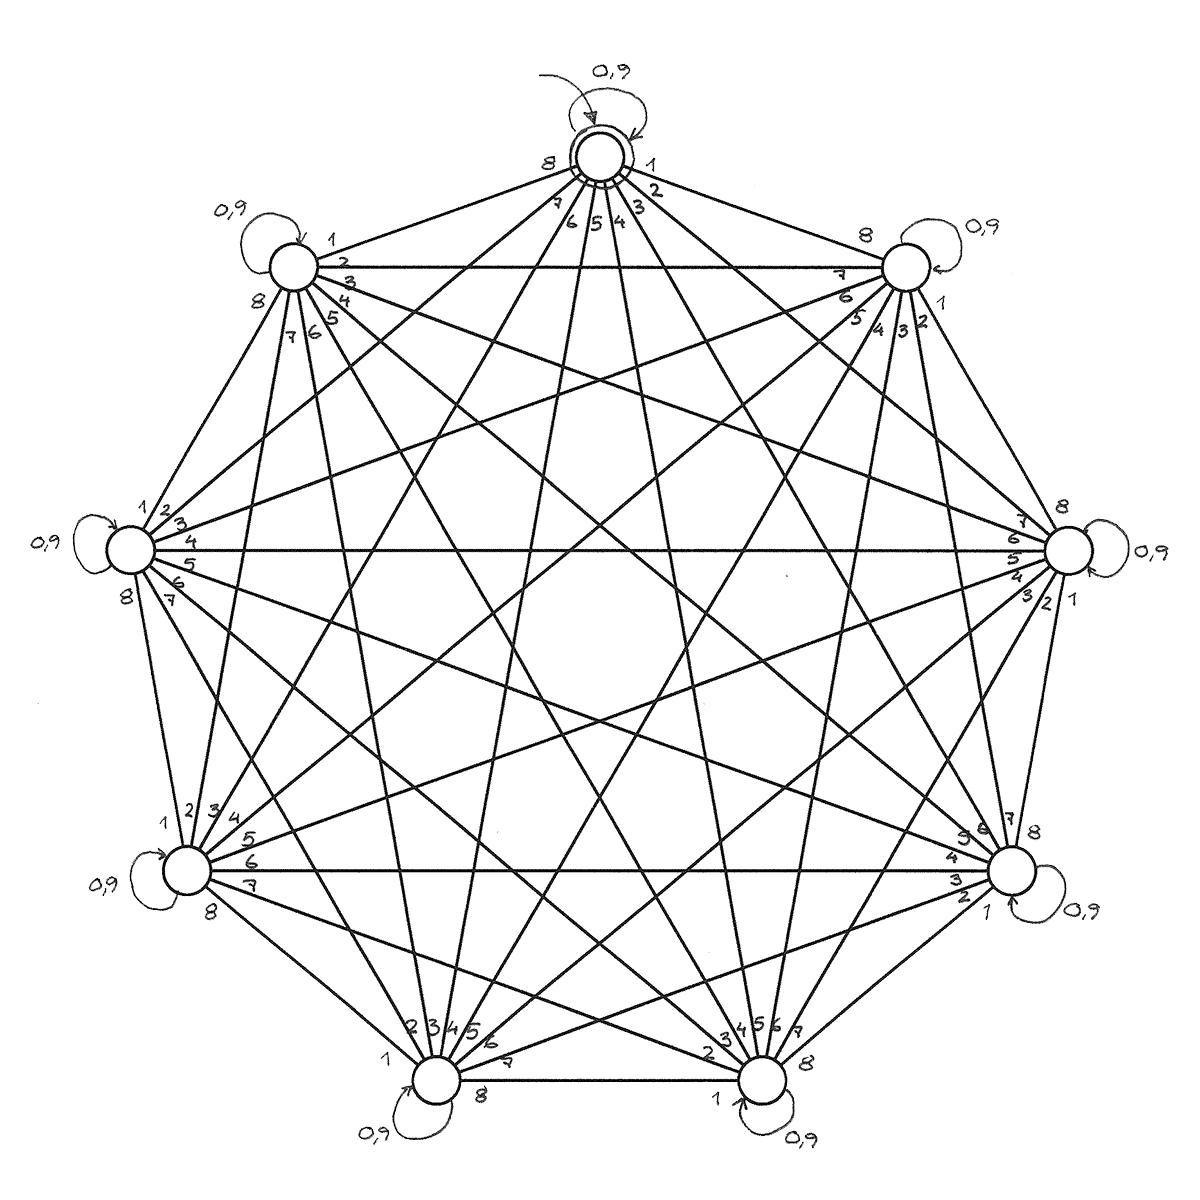 Automat für Teilbarkeit durch 9